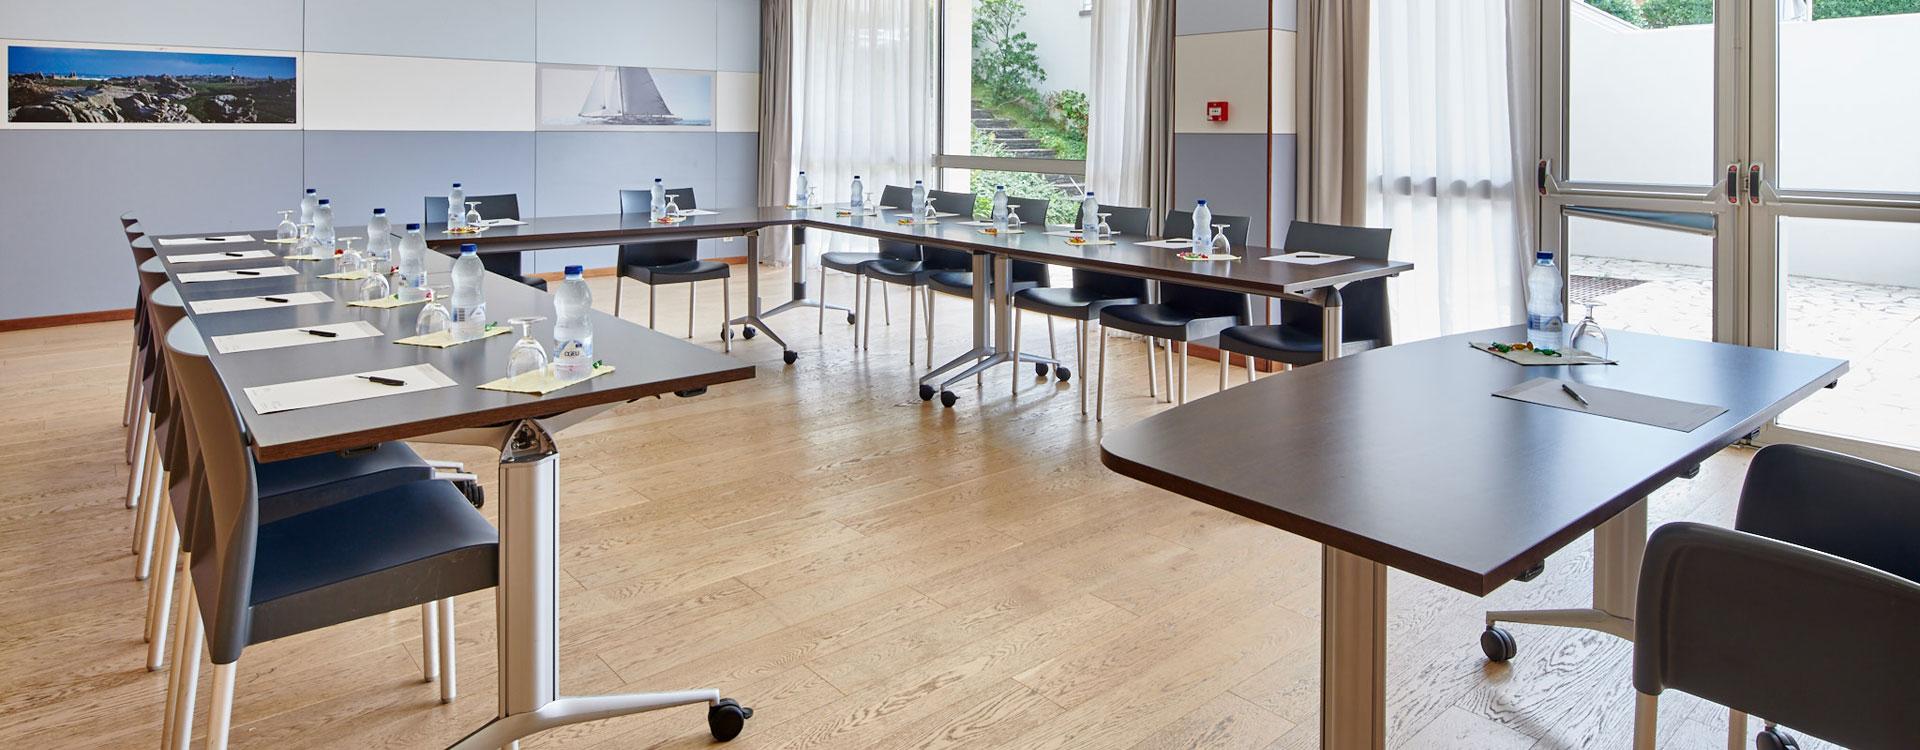 salle de seminaire biarritz